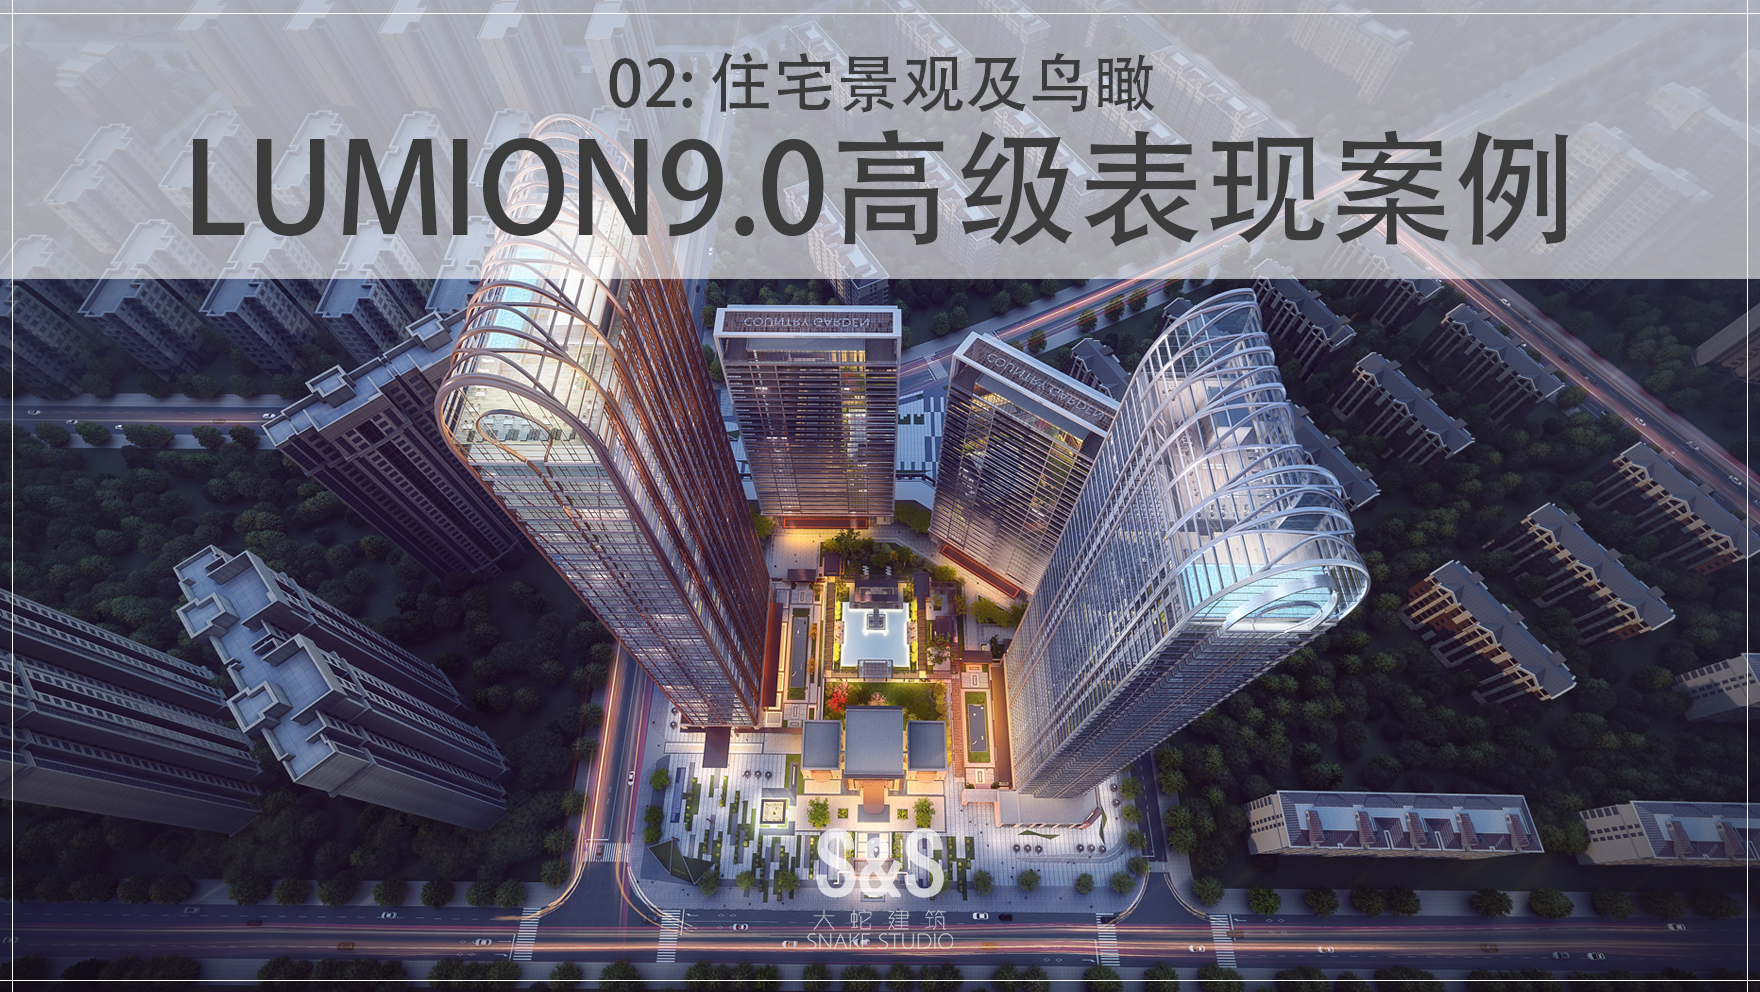 大蛇建筑LUMION9.0实战案例02